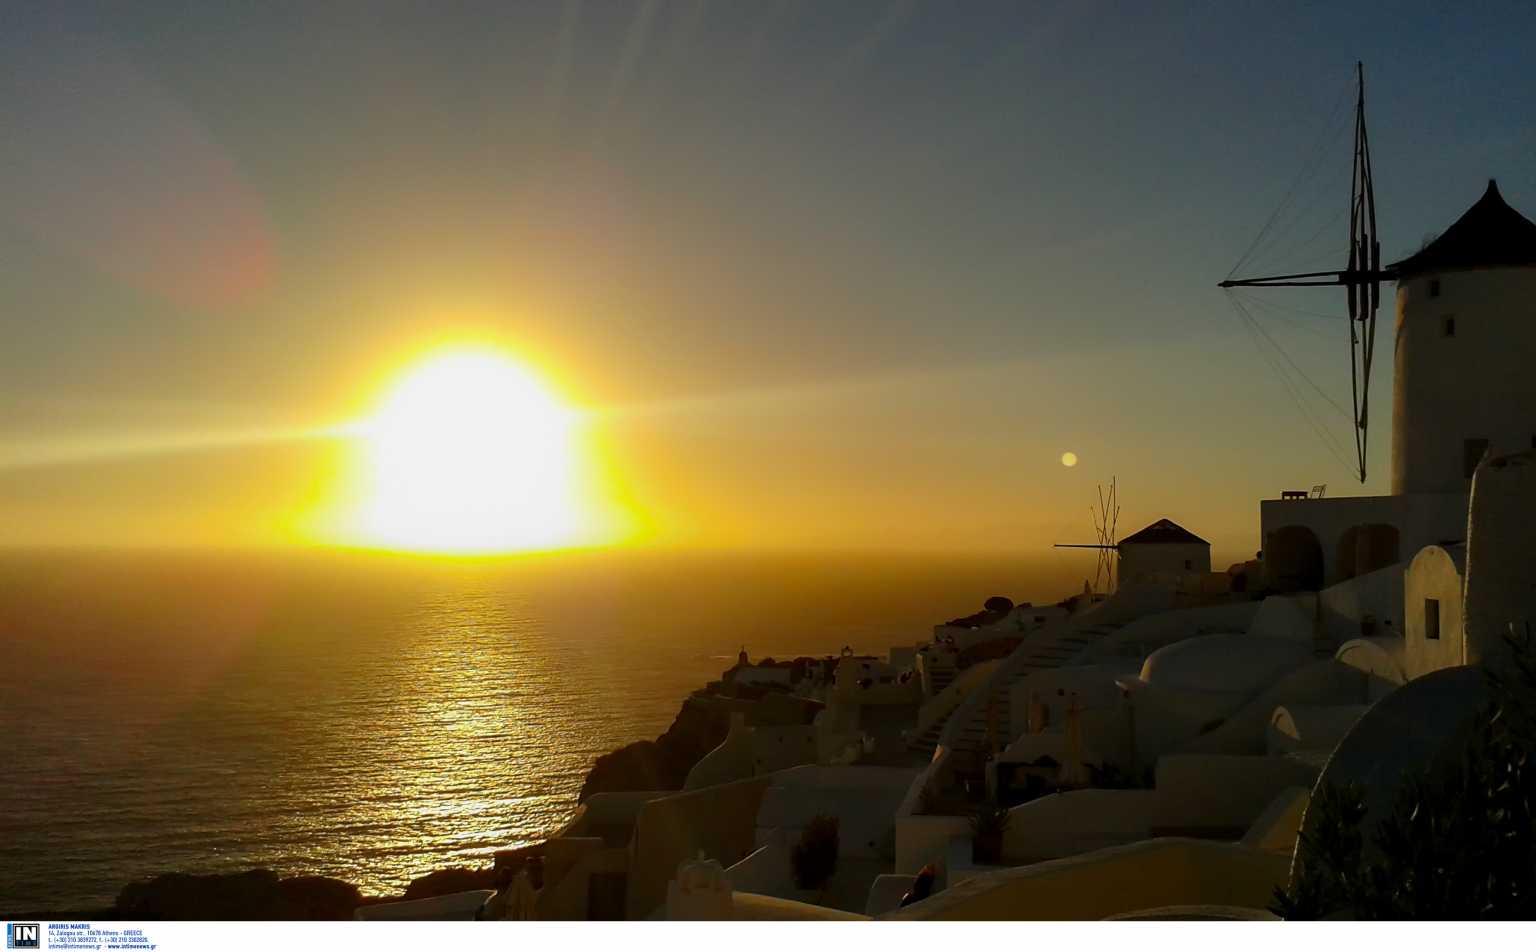 Γερμανικά ΜΜΕ για ελληνικό τουρισμό: «Οι επισκέπτες κάθονται πάνω σε έτοιμες βαλίτσες»